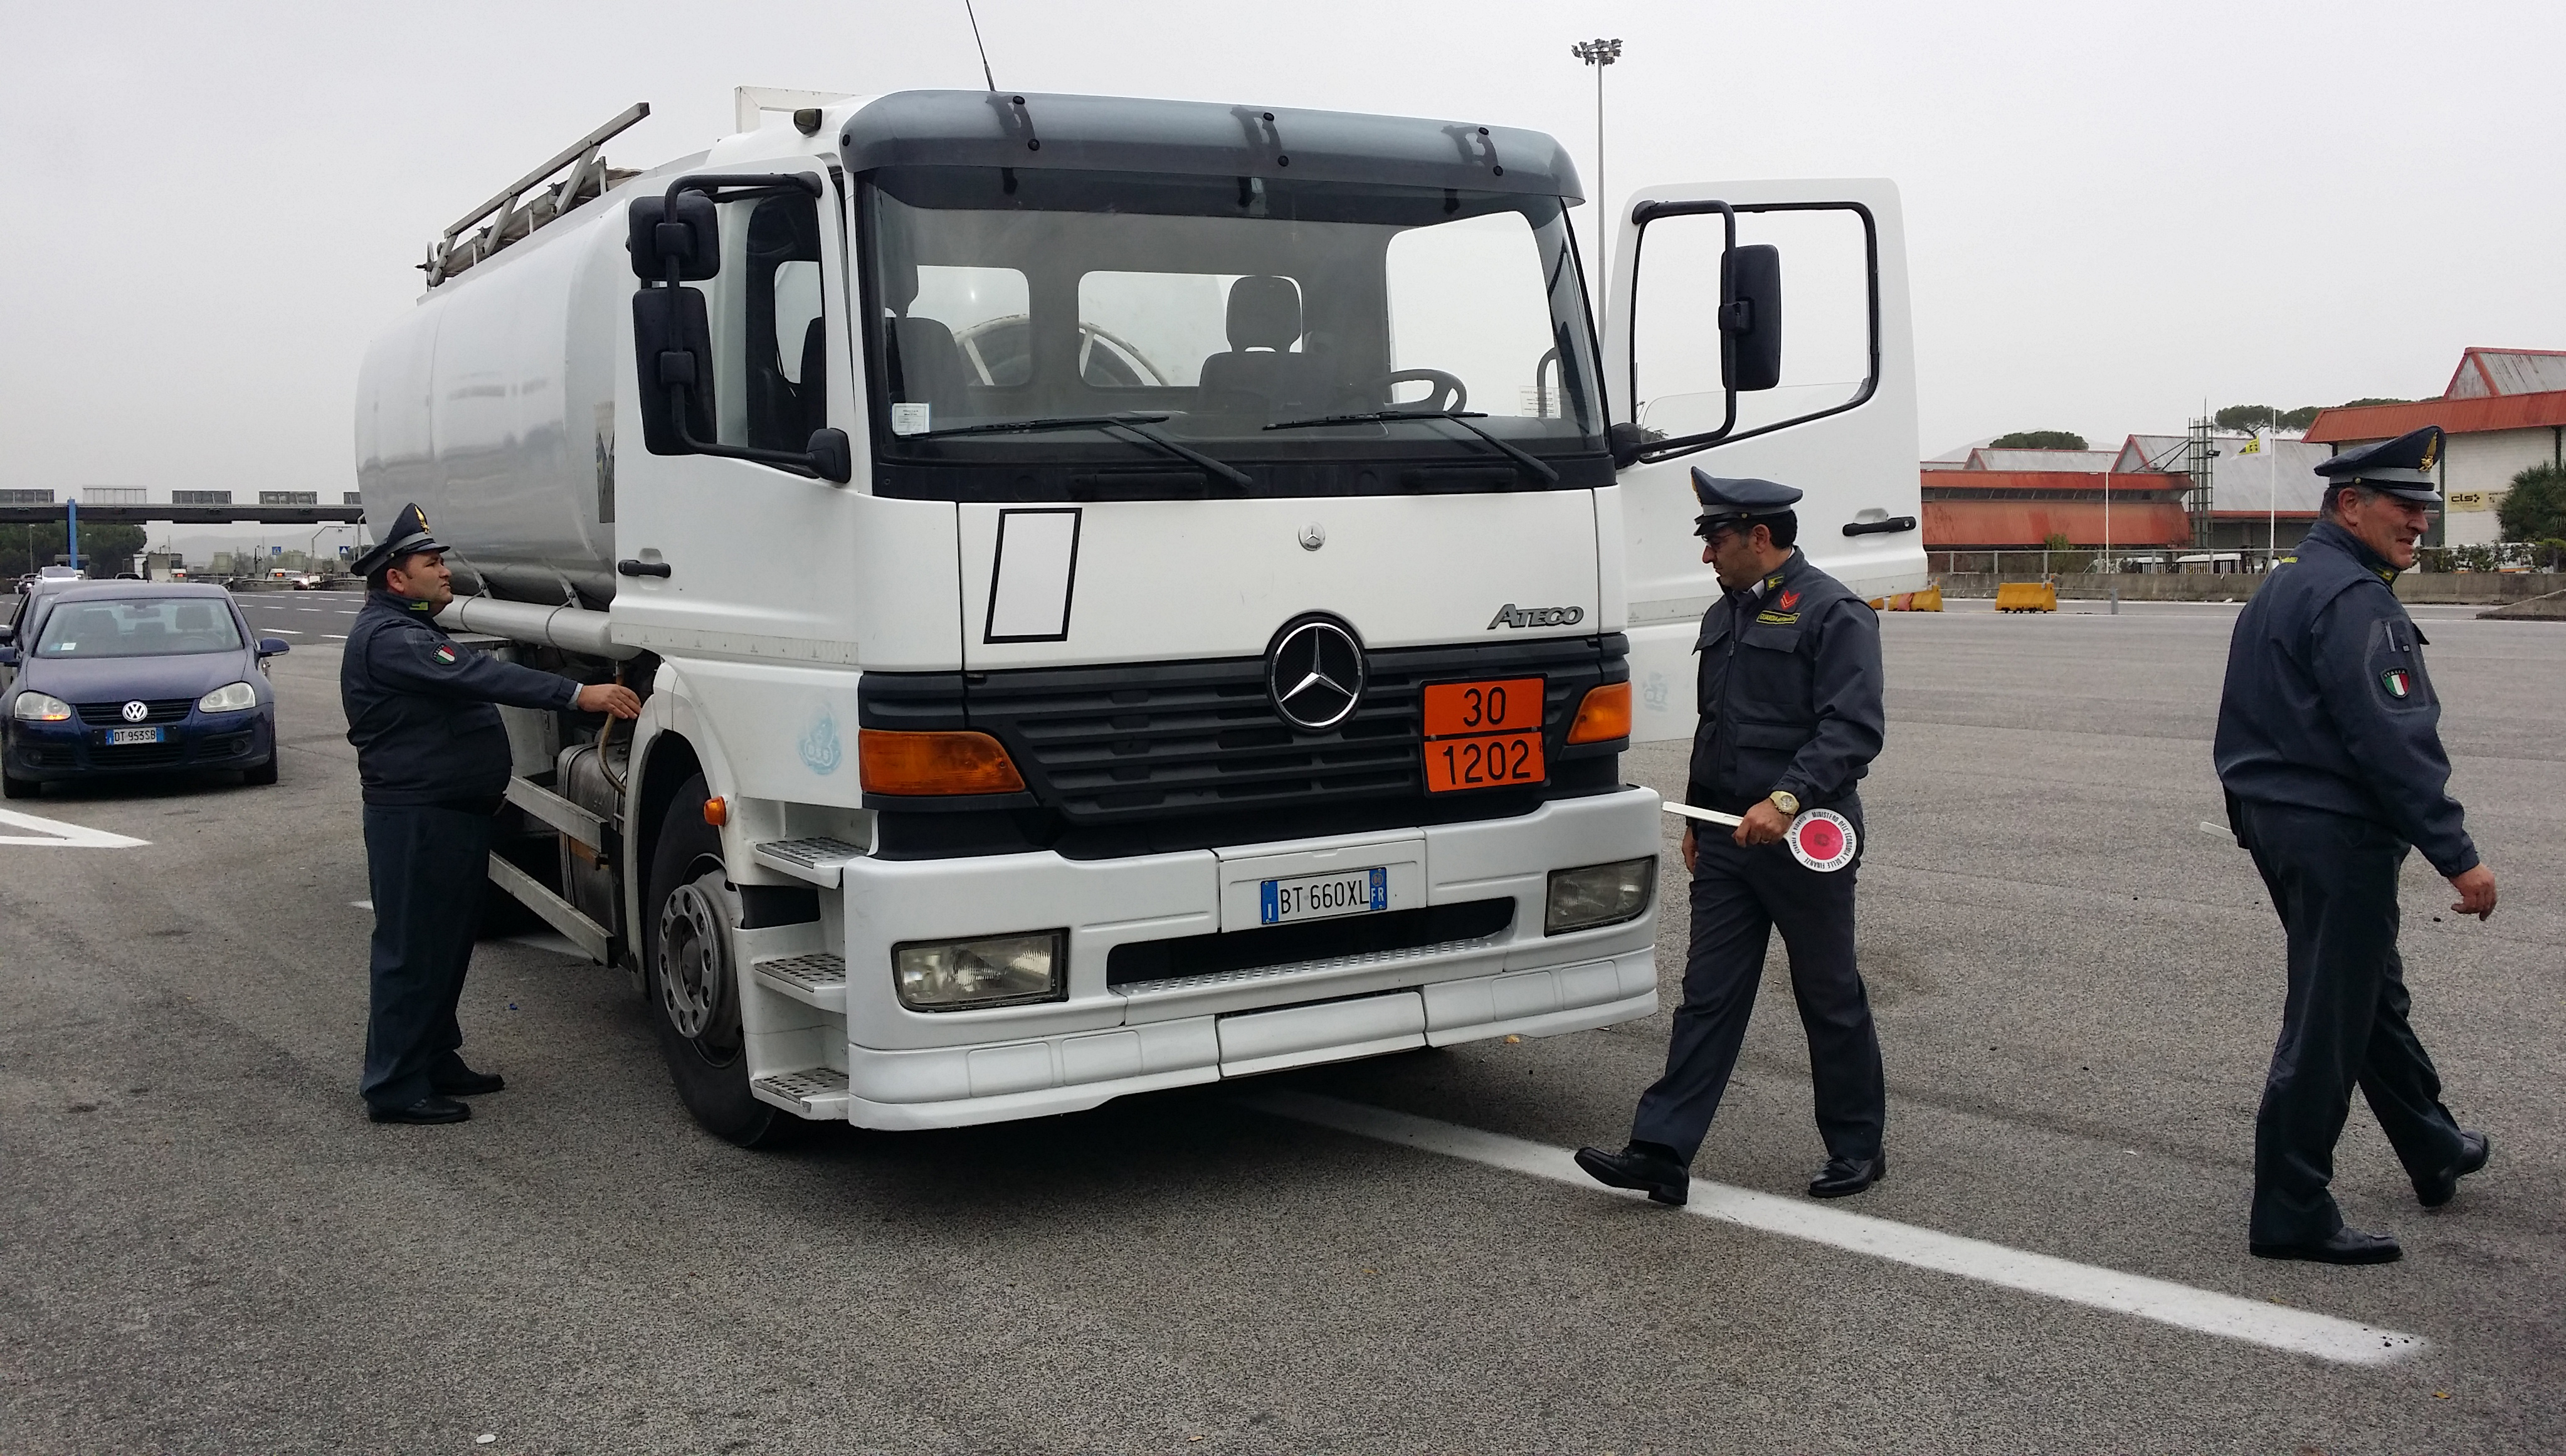 Contrabbando di gasolio 19 arresti a Trani